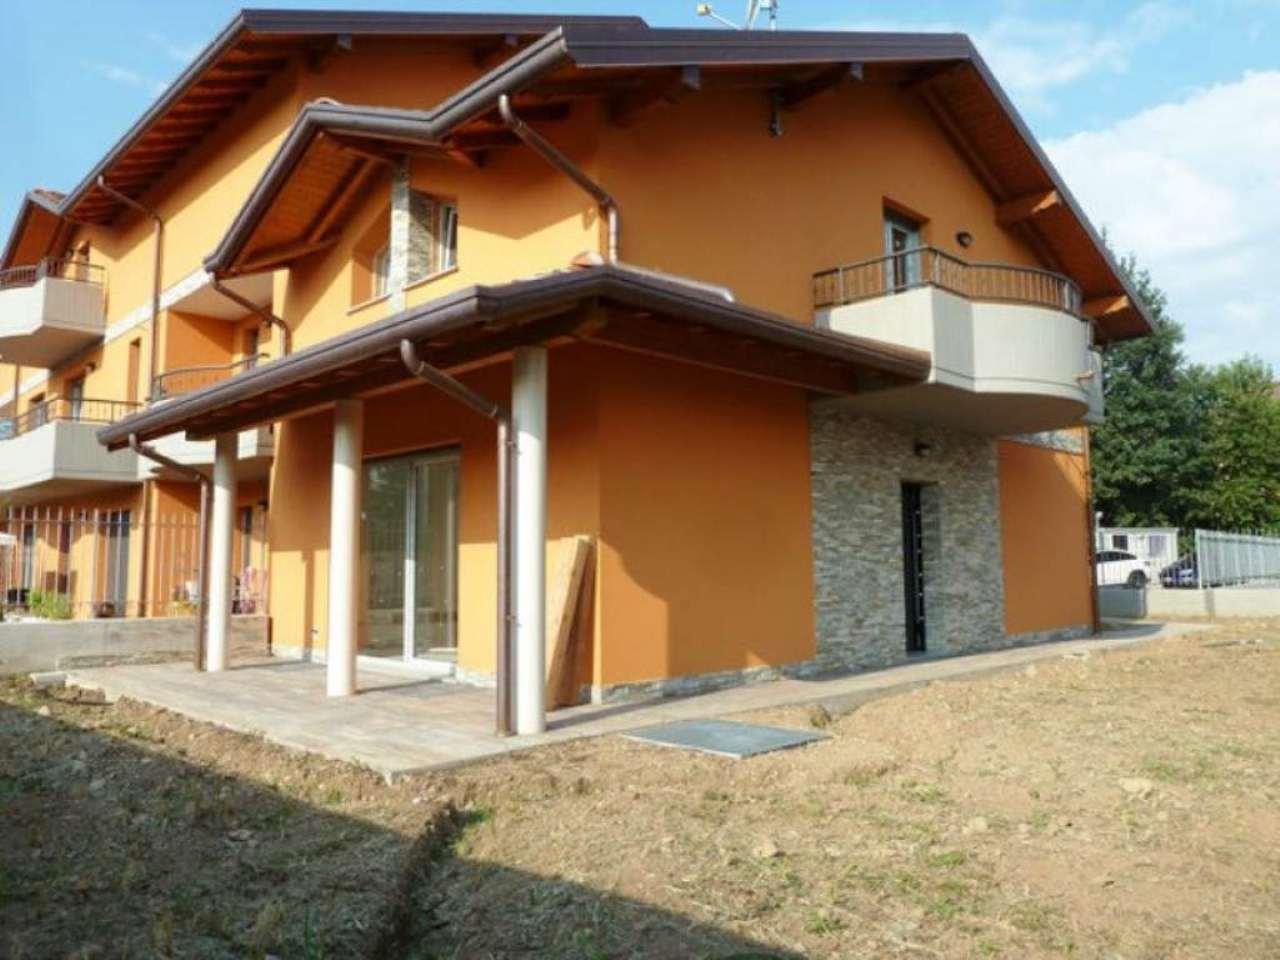 Villa in vendita a Marnate, 4 locali, prezzo € 355.000 | Cambio Casa.it